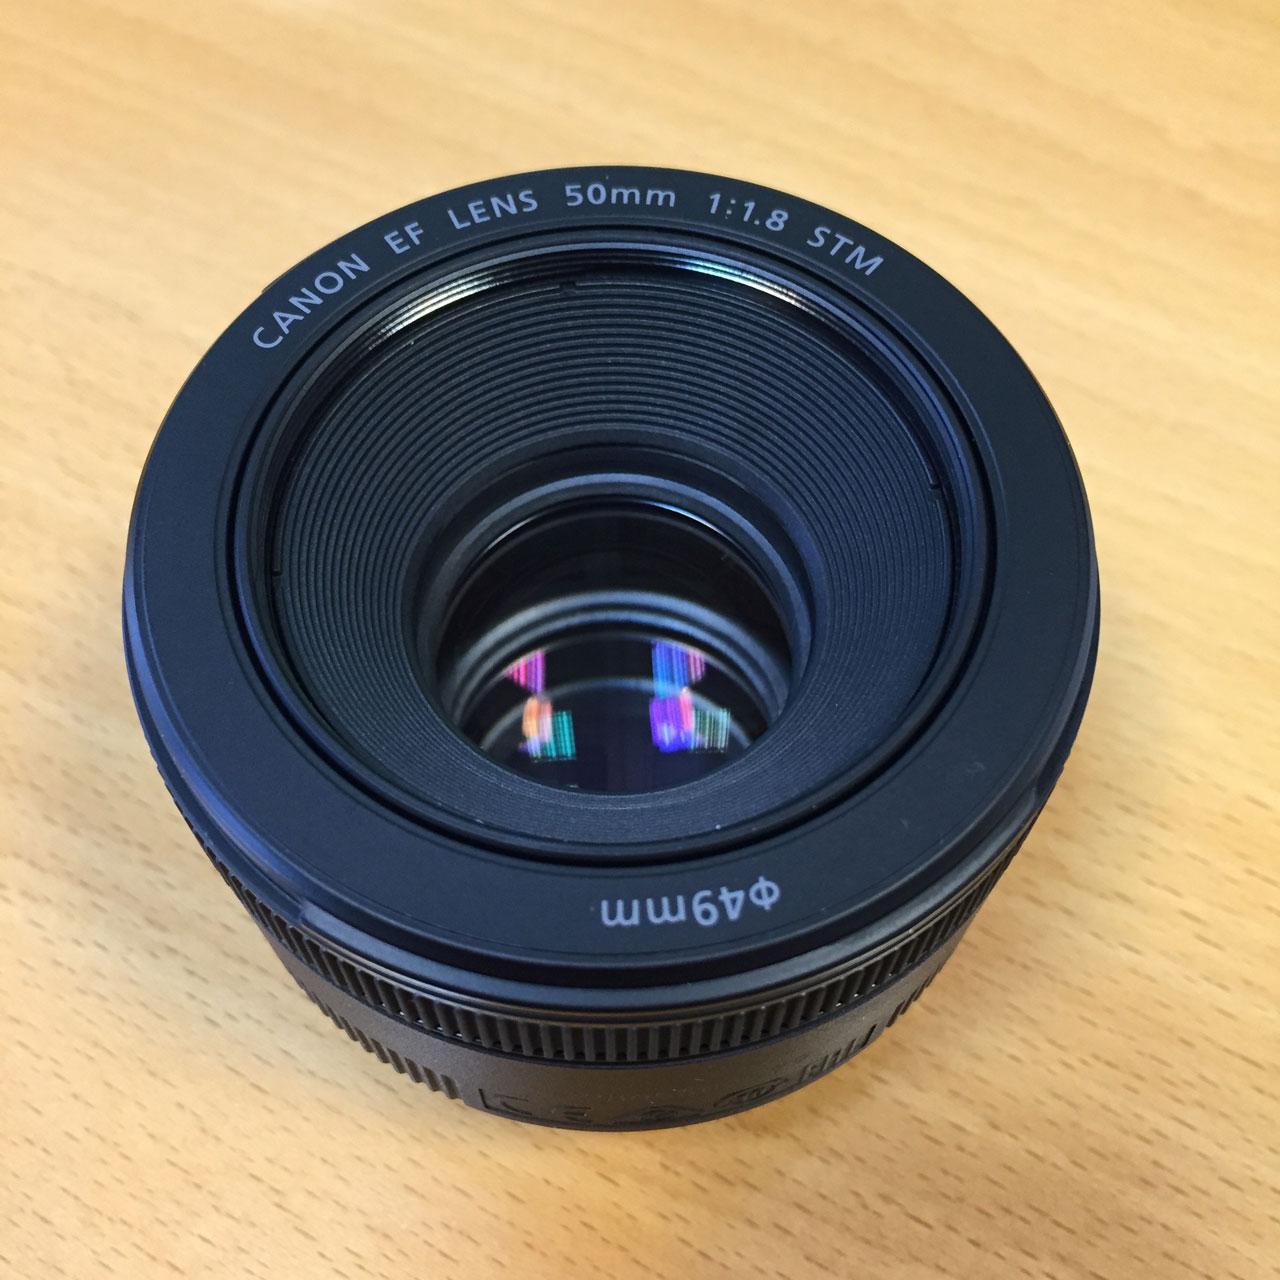 Canon Ef 50mm 118 Stm Erster Test Eos M Fotoblog Lensa F 18 Blende 22 Kamera Iphone 6 Brennweite 415mm Iso 160 Verschlusszeit 1 33s